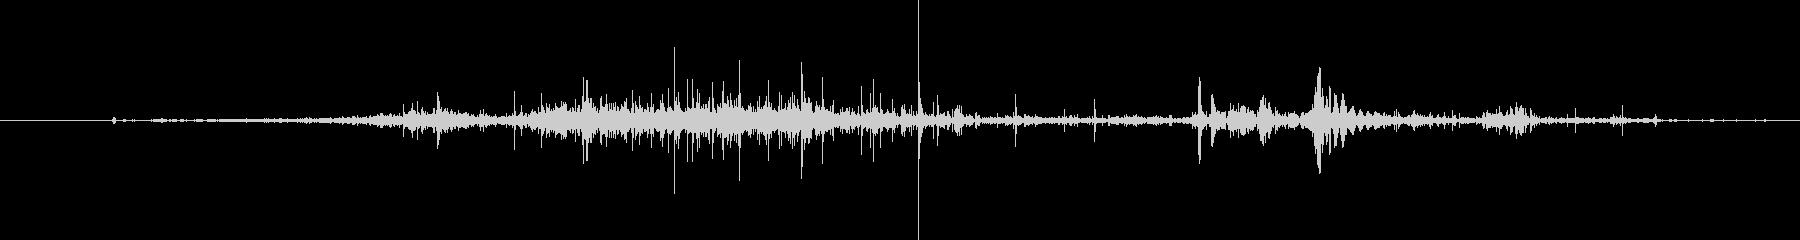 スモールロック:ターンオンオンダー...の未再生の波形